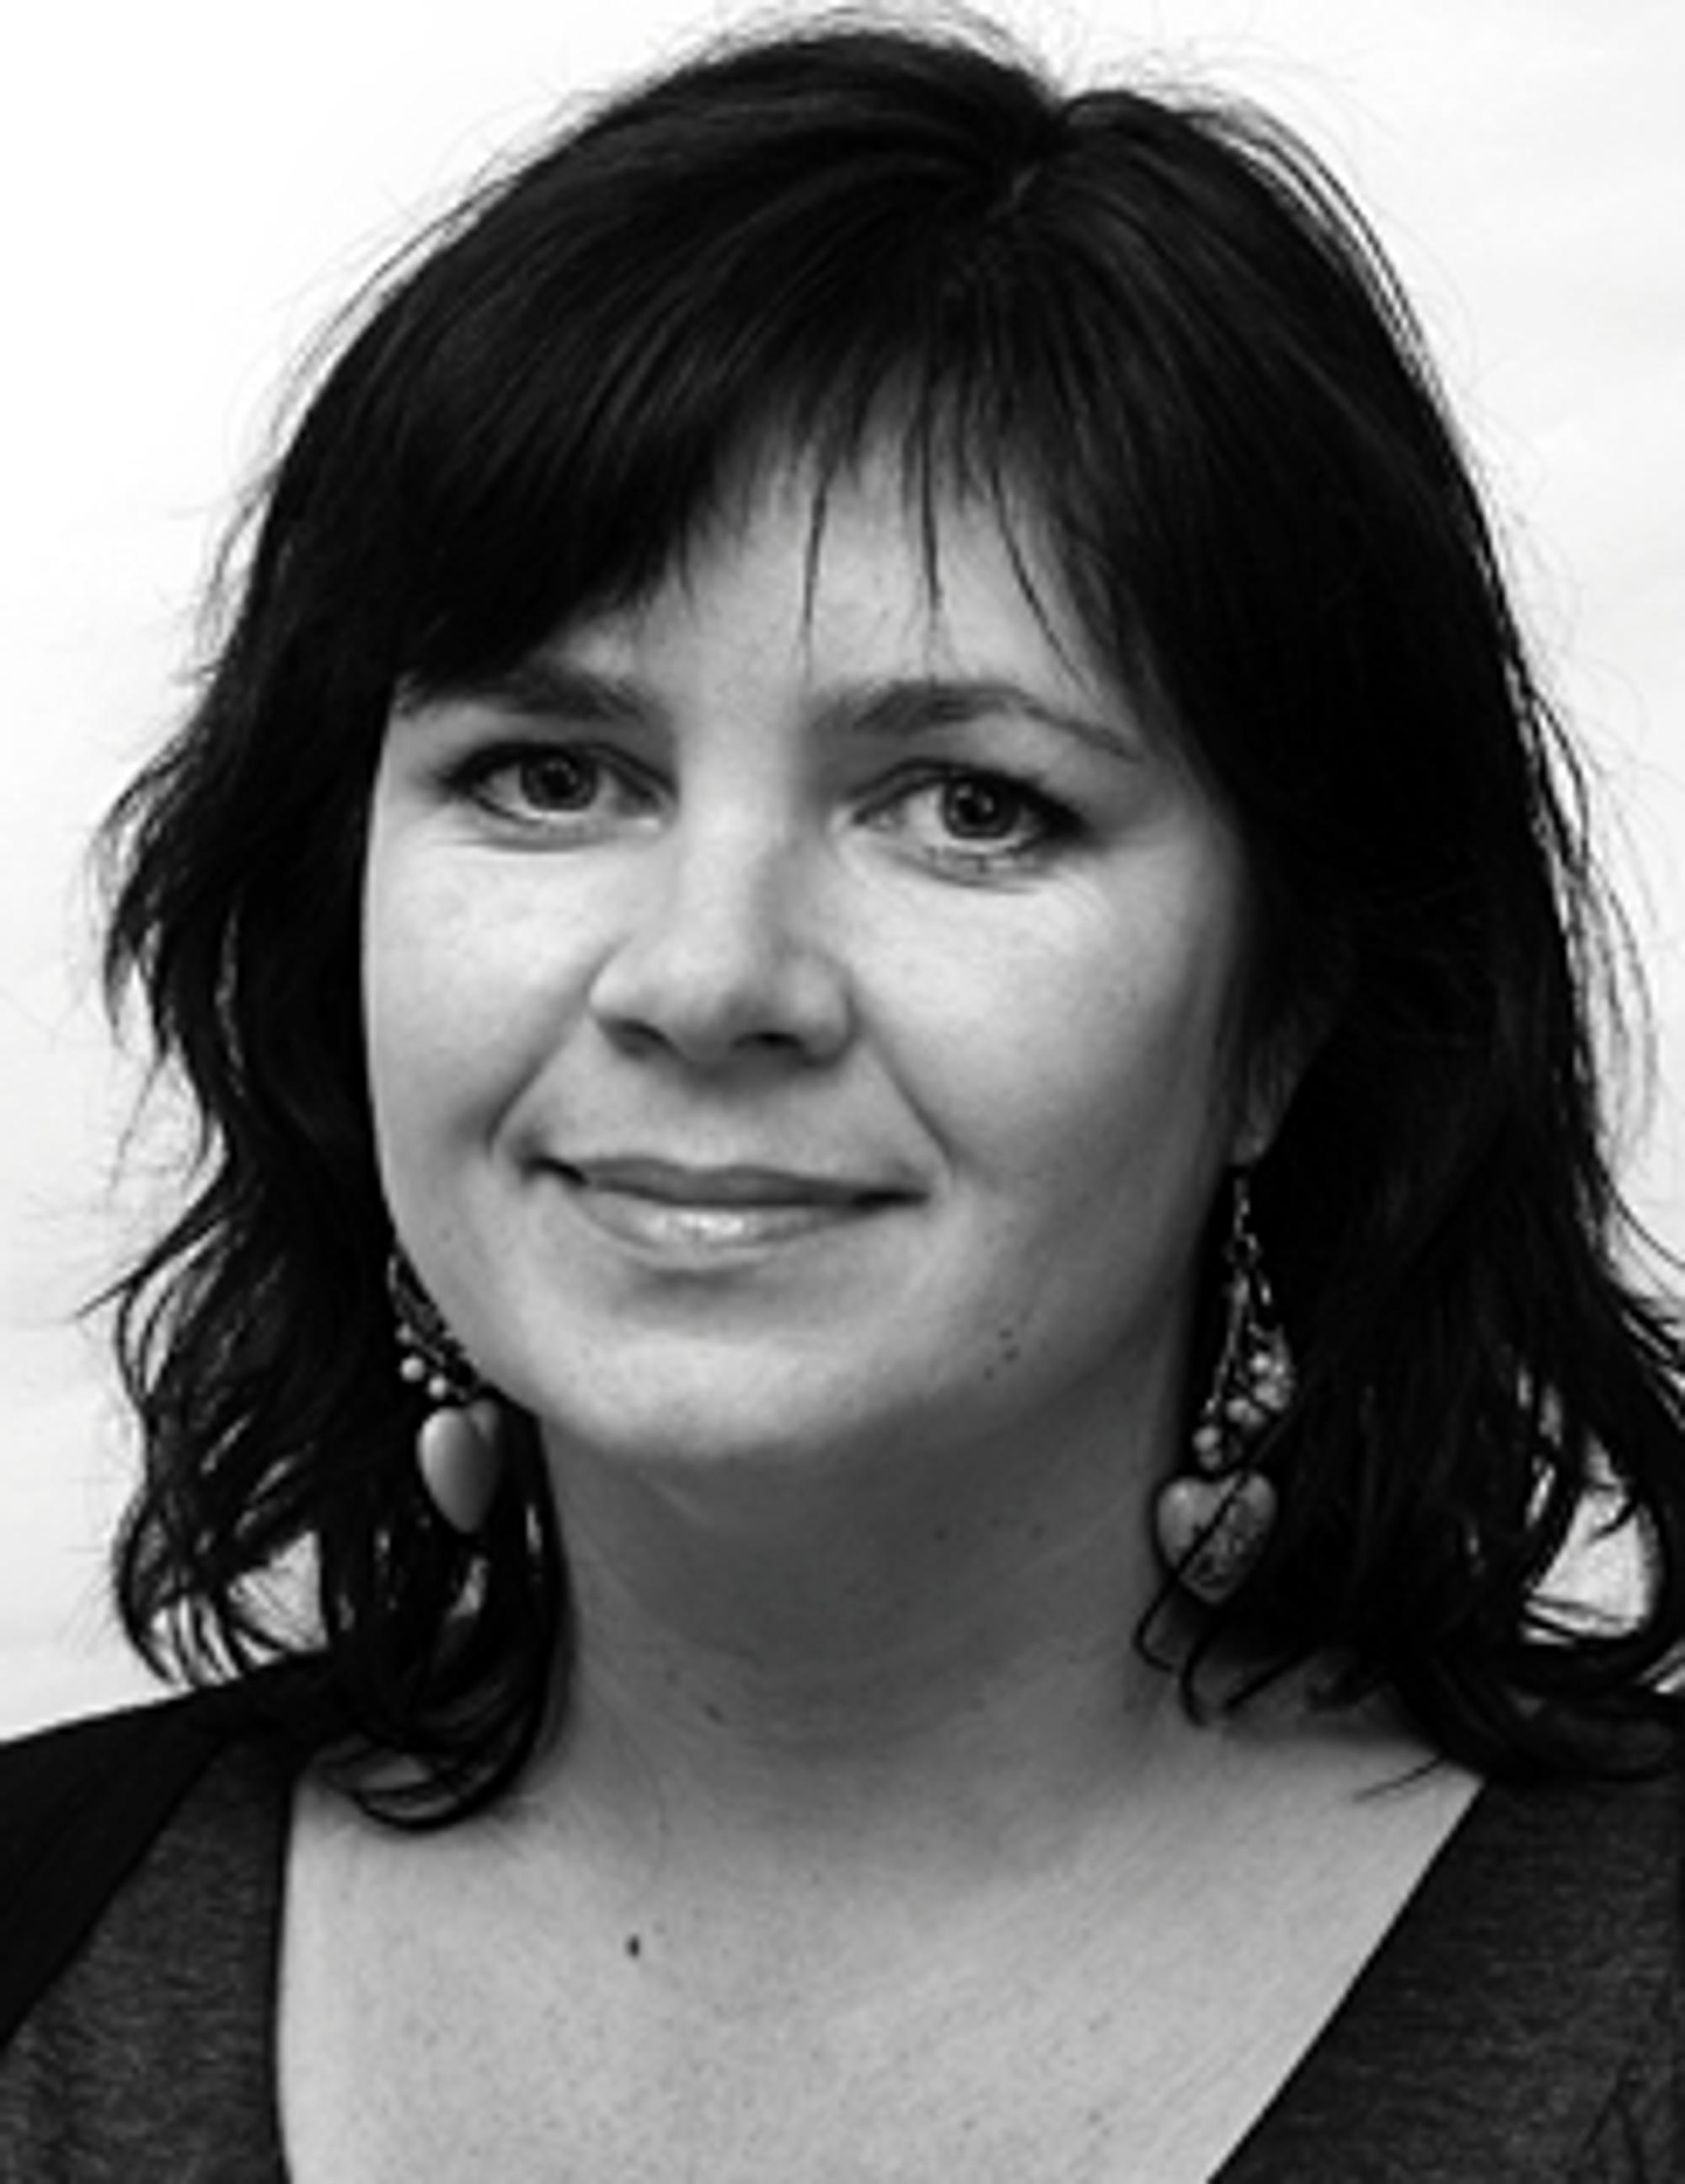 Produksjonssjef i Norsk Filminstitutt, Kaja Dyrlie. (Foto: Norsk Filminstiutt.